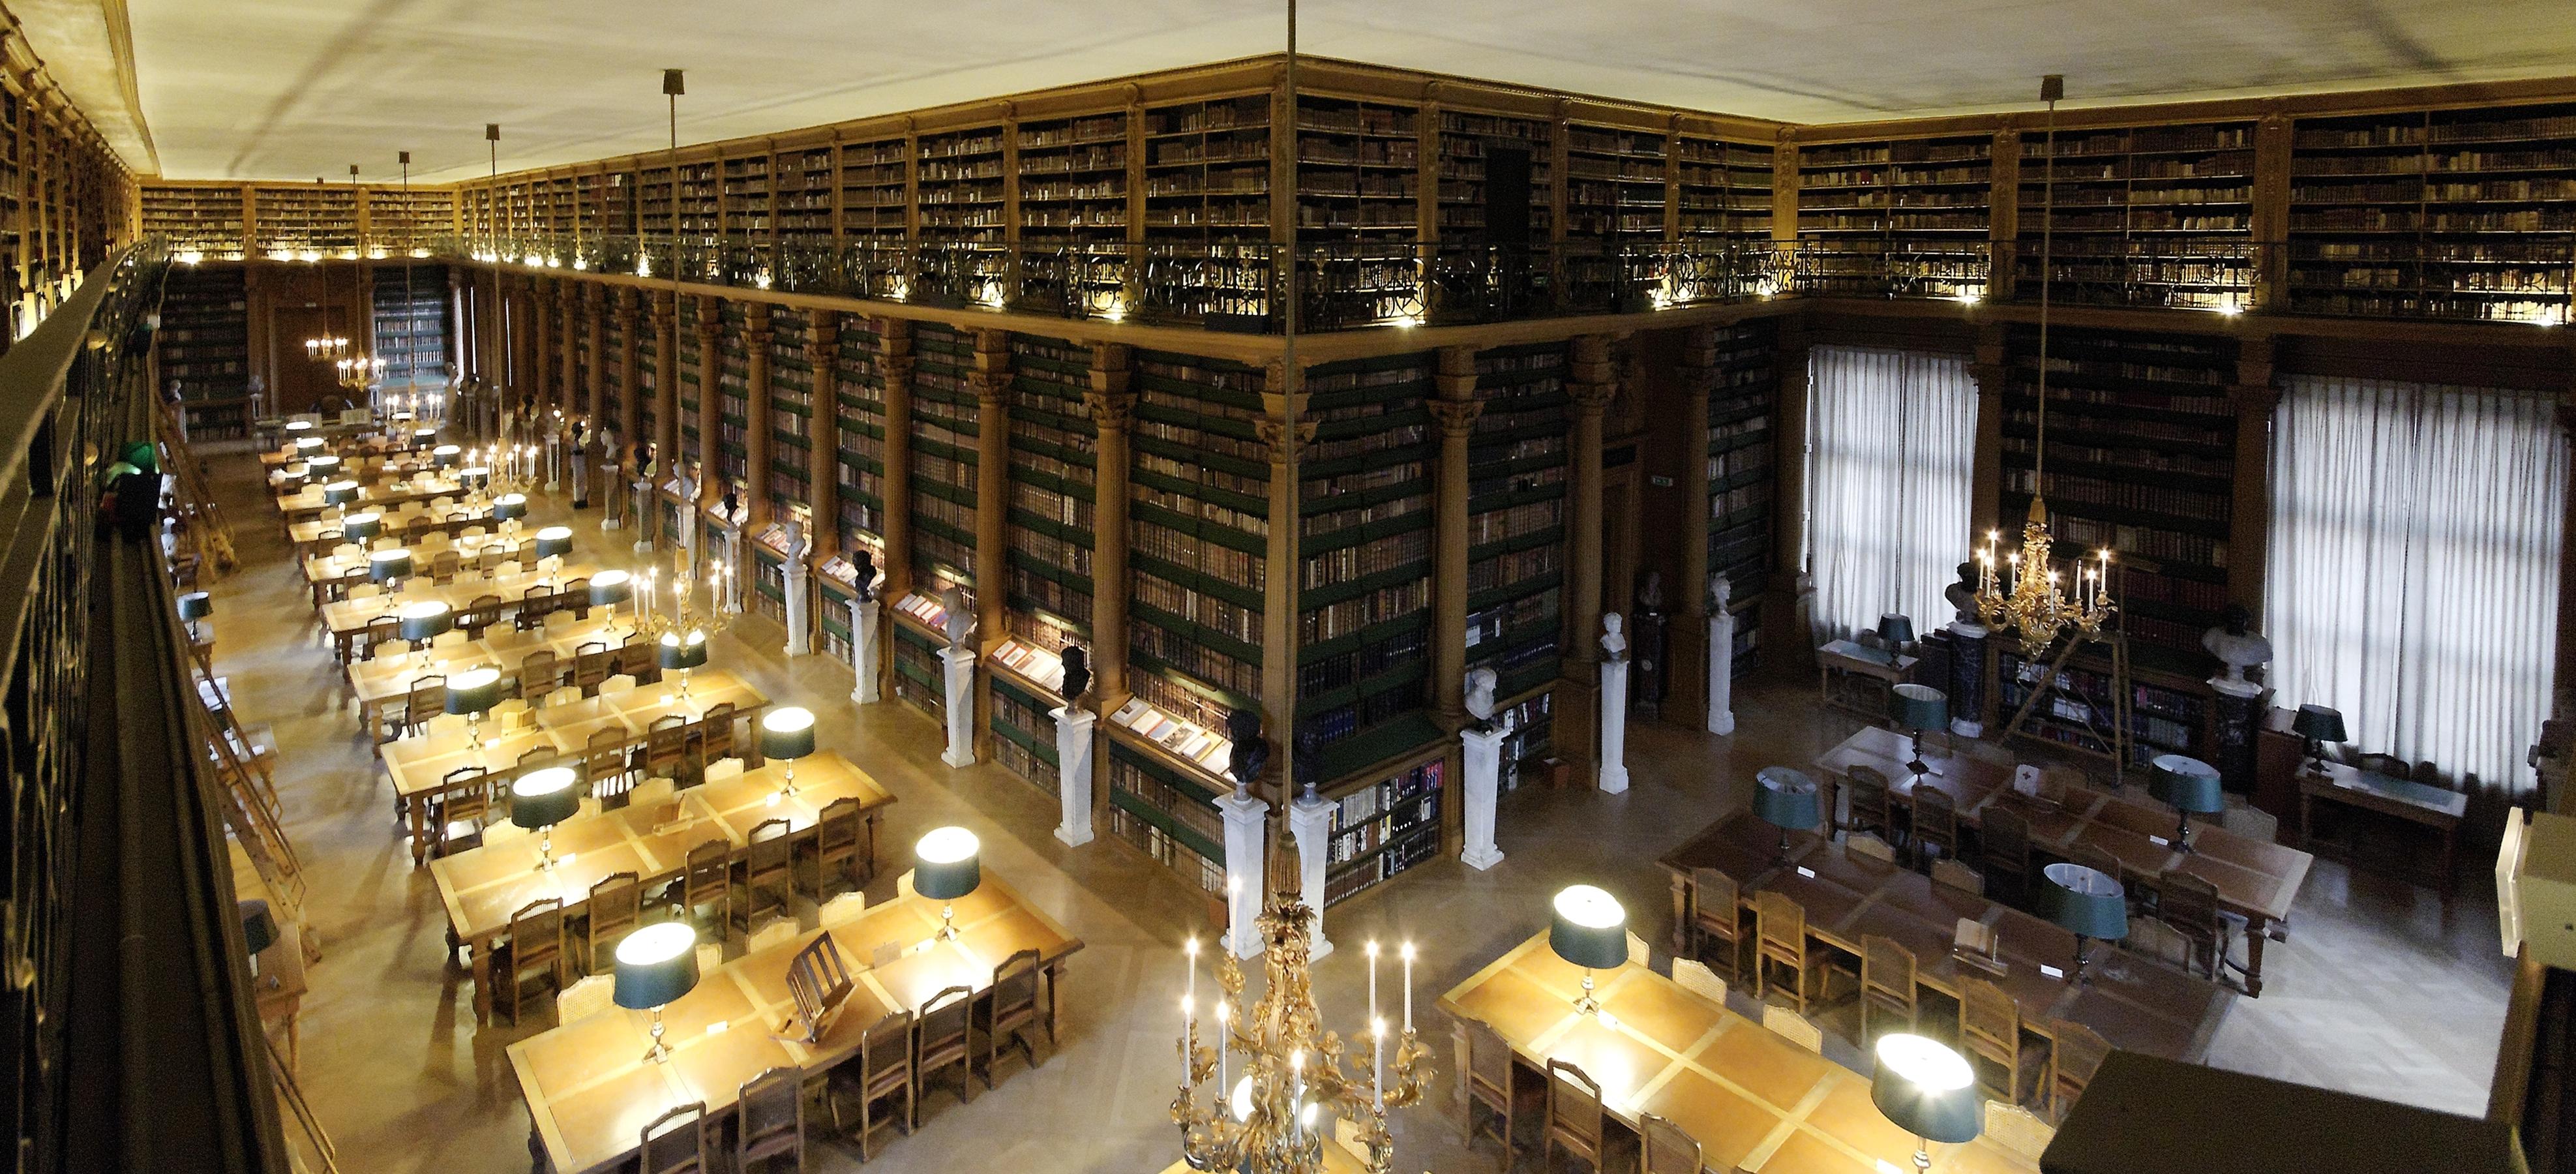 Salle de lecture Bibliothèque Mazarine Angle.jpg